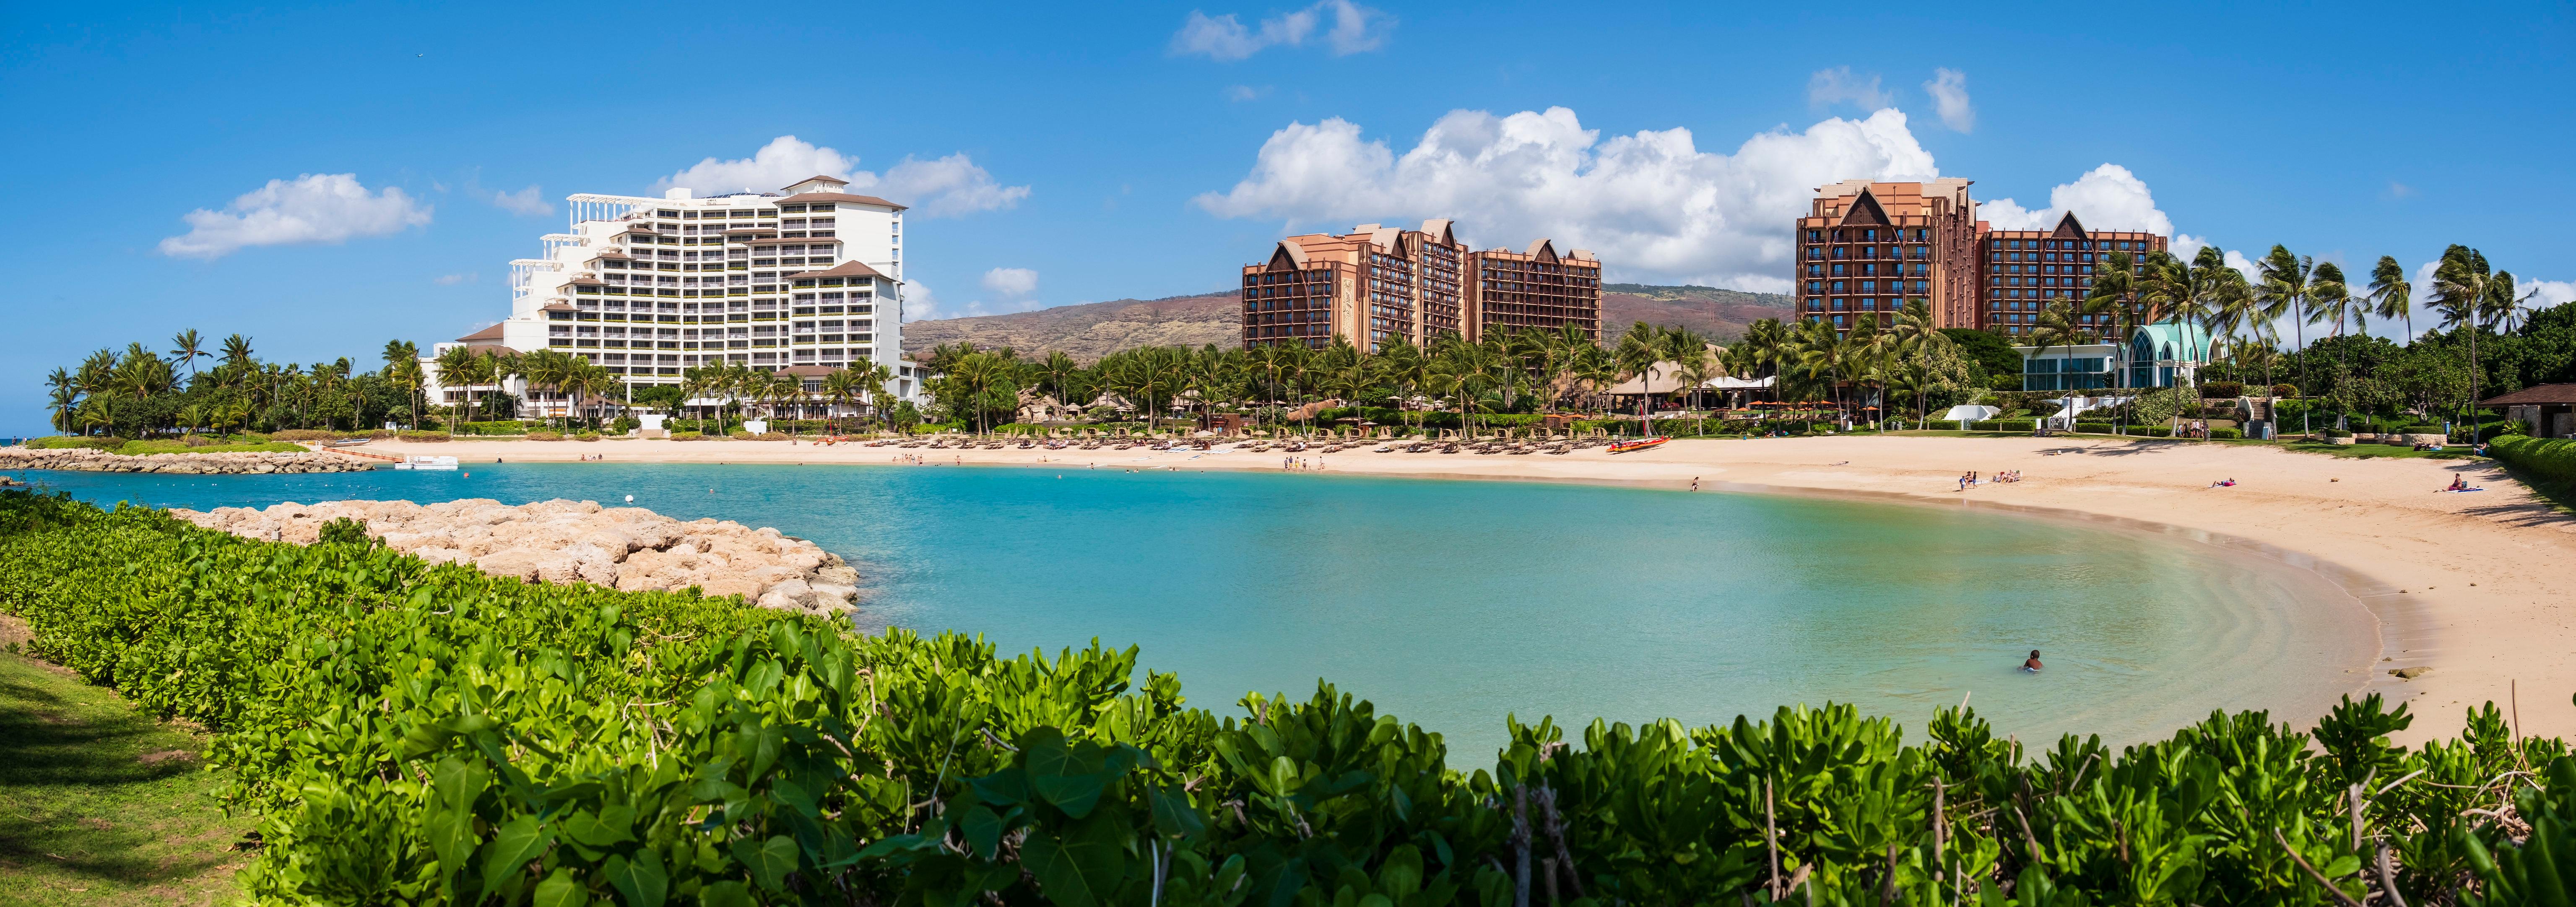 Sea Beach Panorama Landscape USA Hawaii Oahu Palm Trees City Outdoors 6143x2163